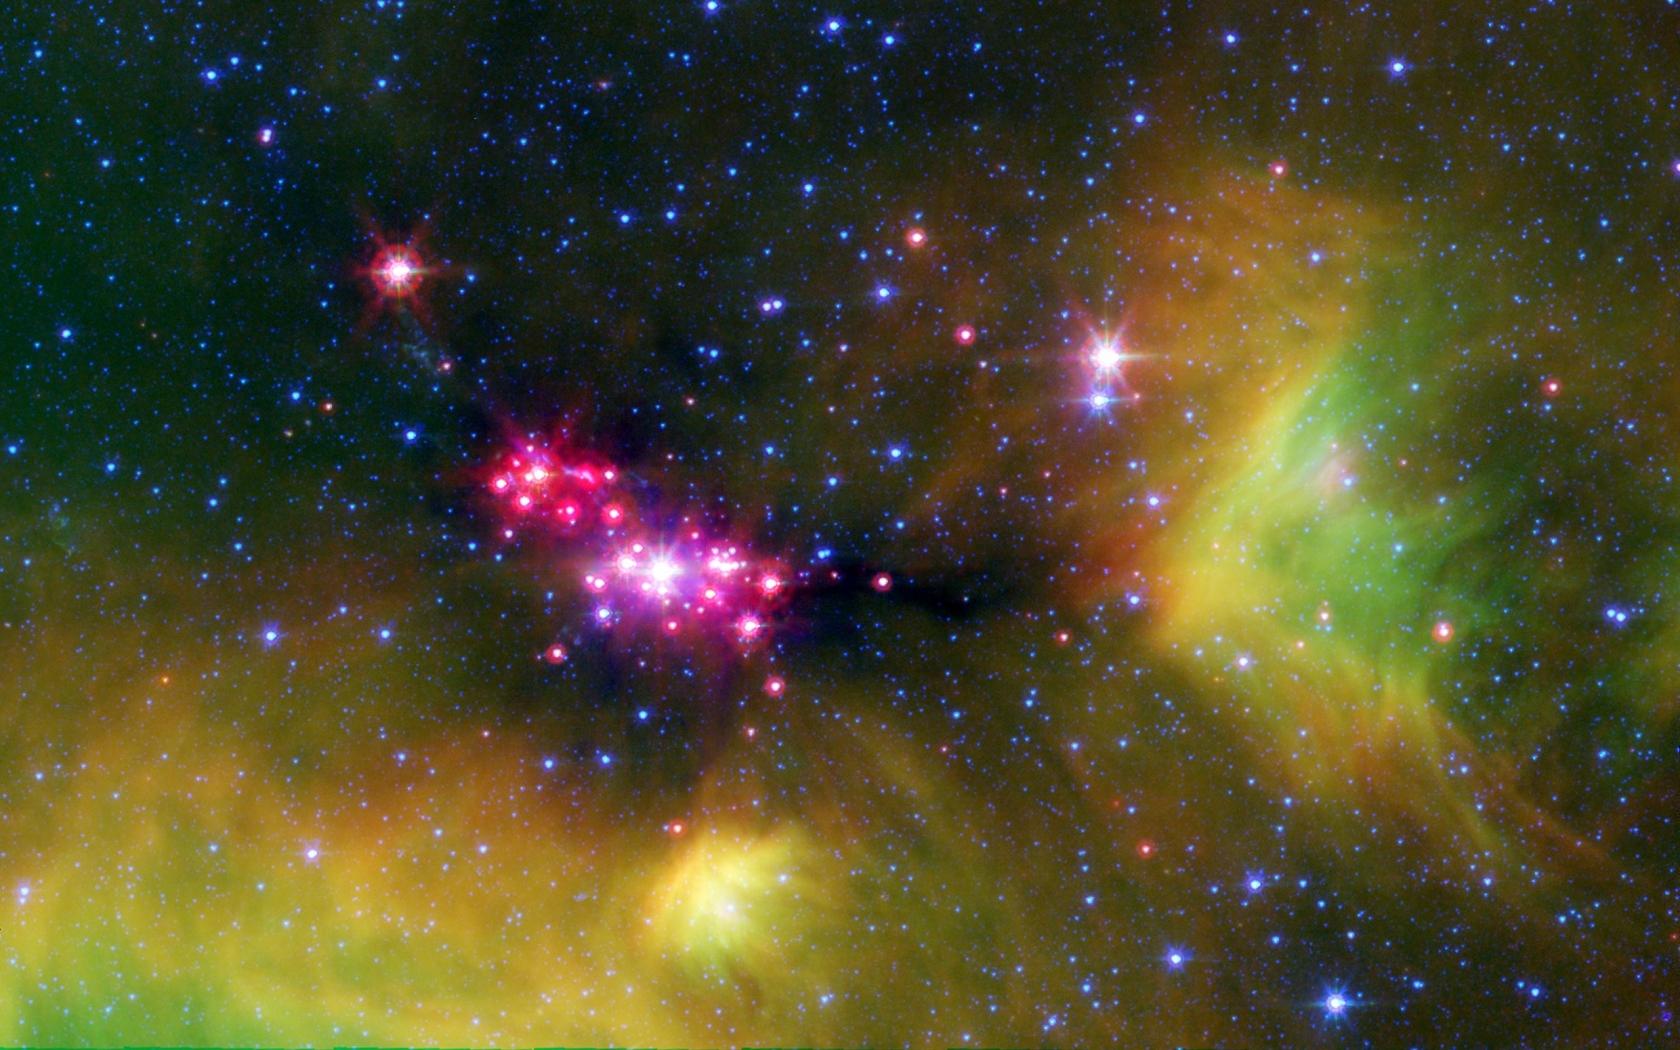 Estrellas y planetas fotos 13